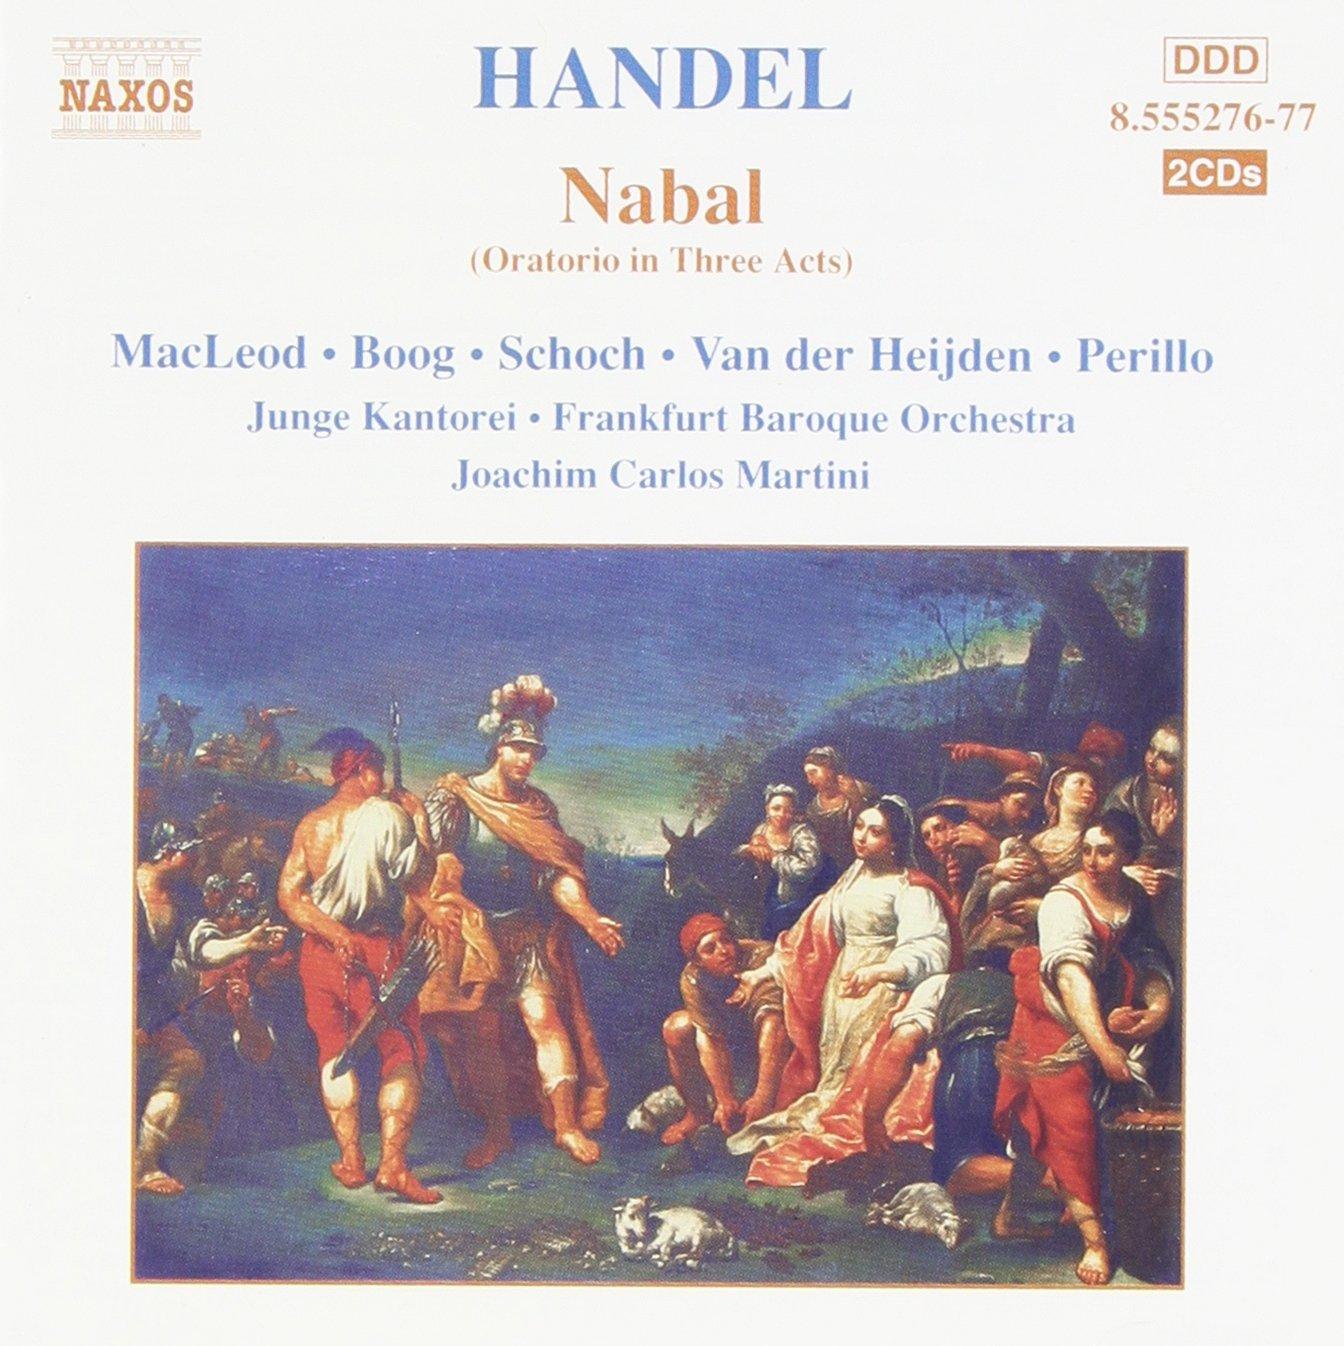 Handel - MacLeod, Boog, Schoch, Van der Heijden, Perillo, Joachim Carlos Martini Nabal Vinyl